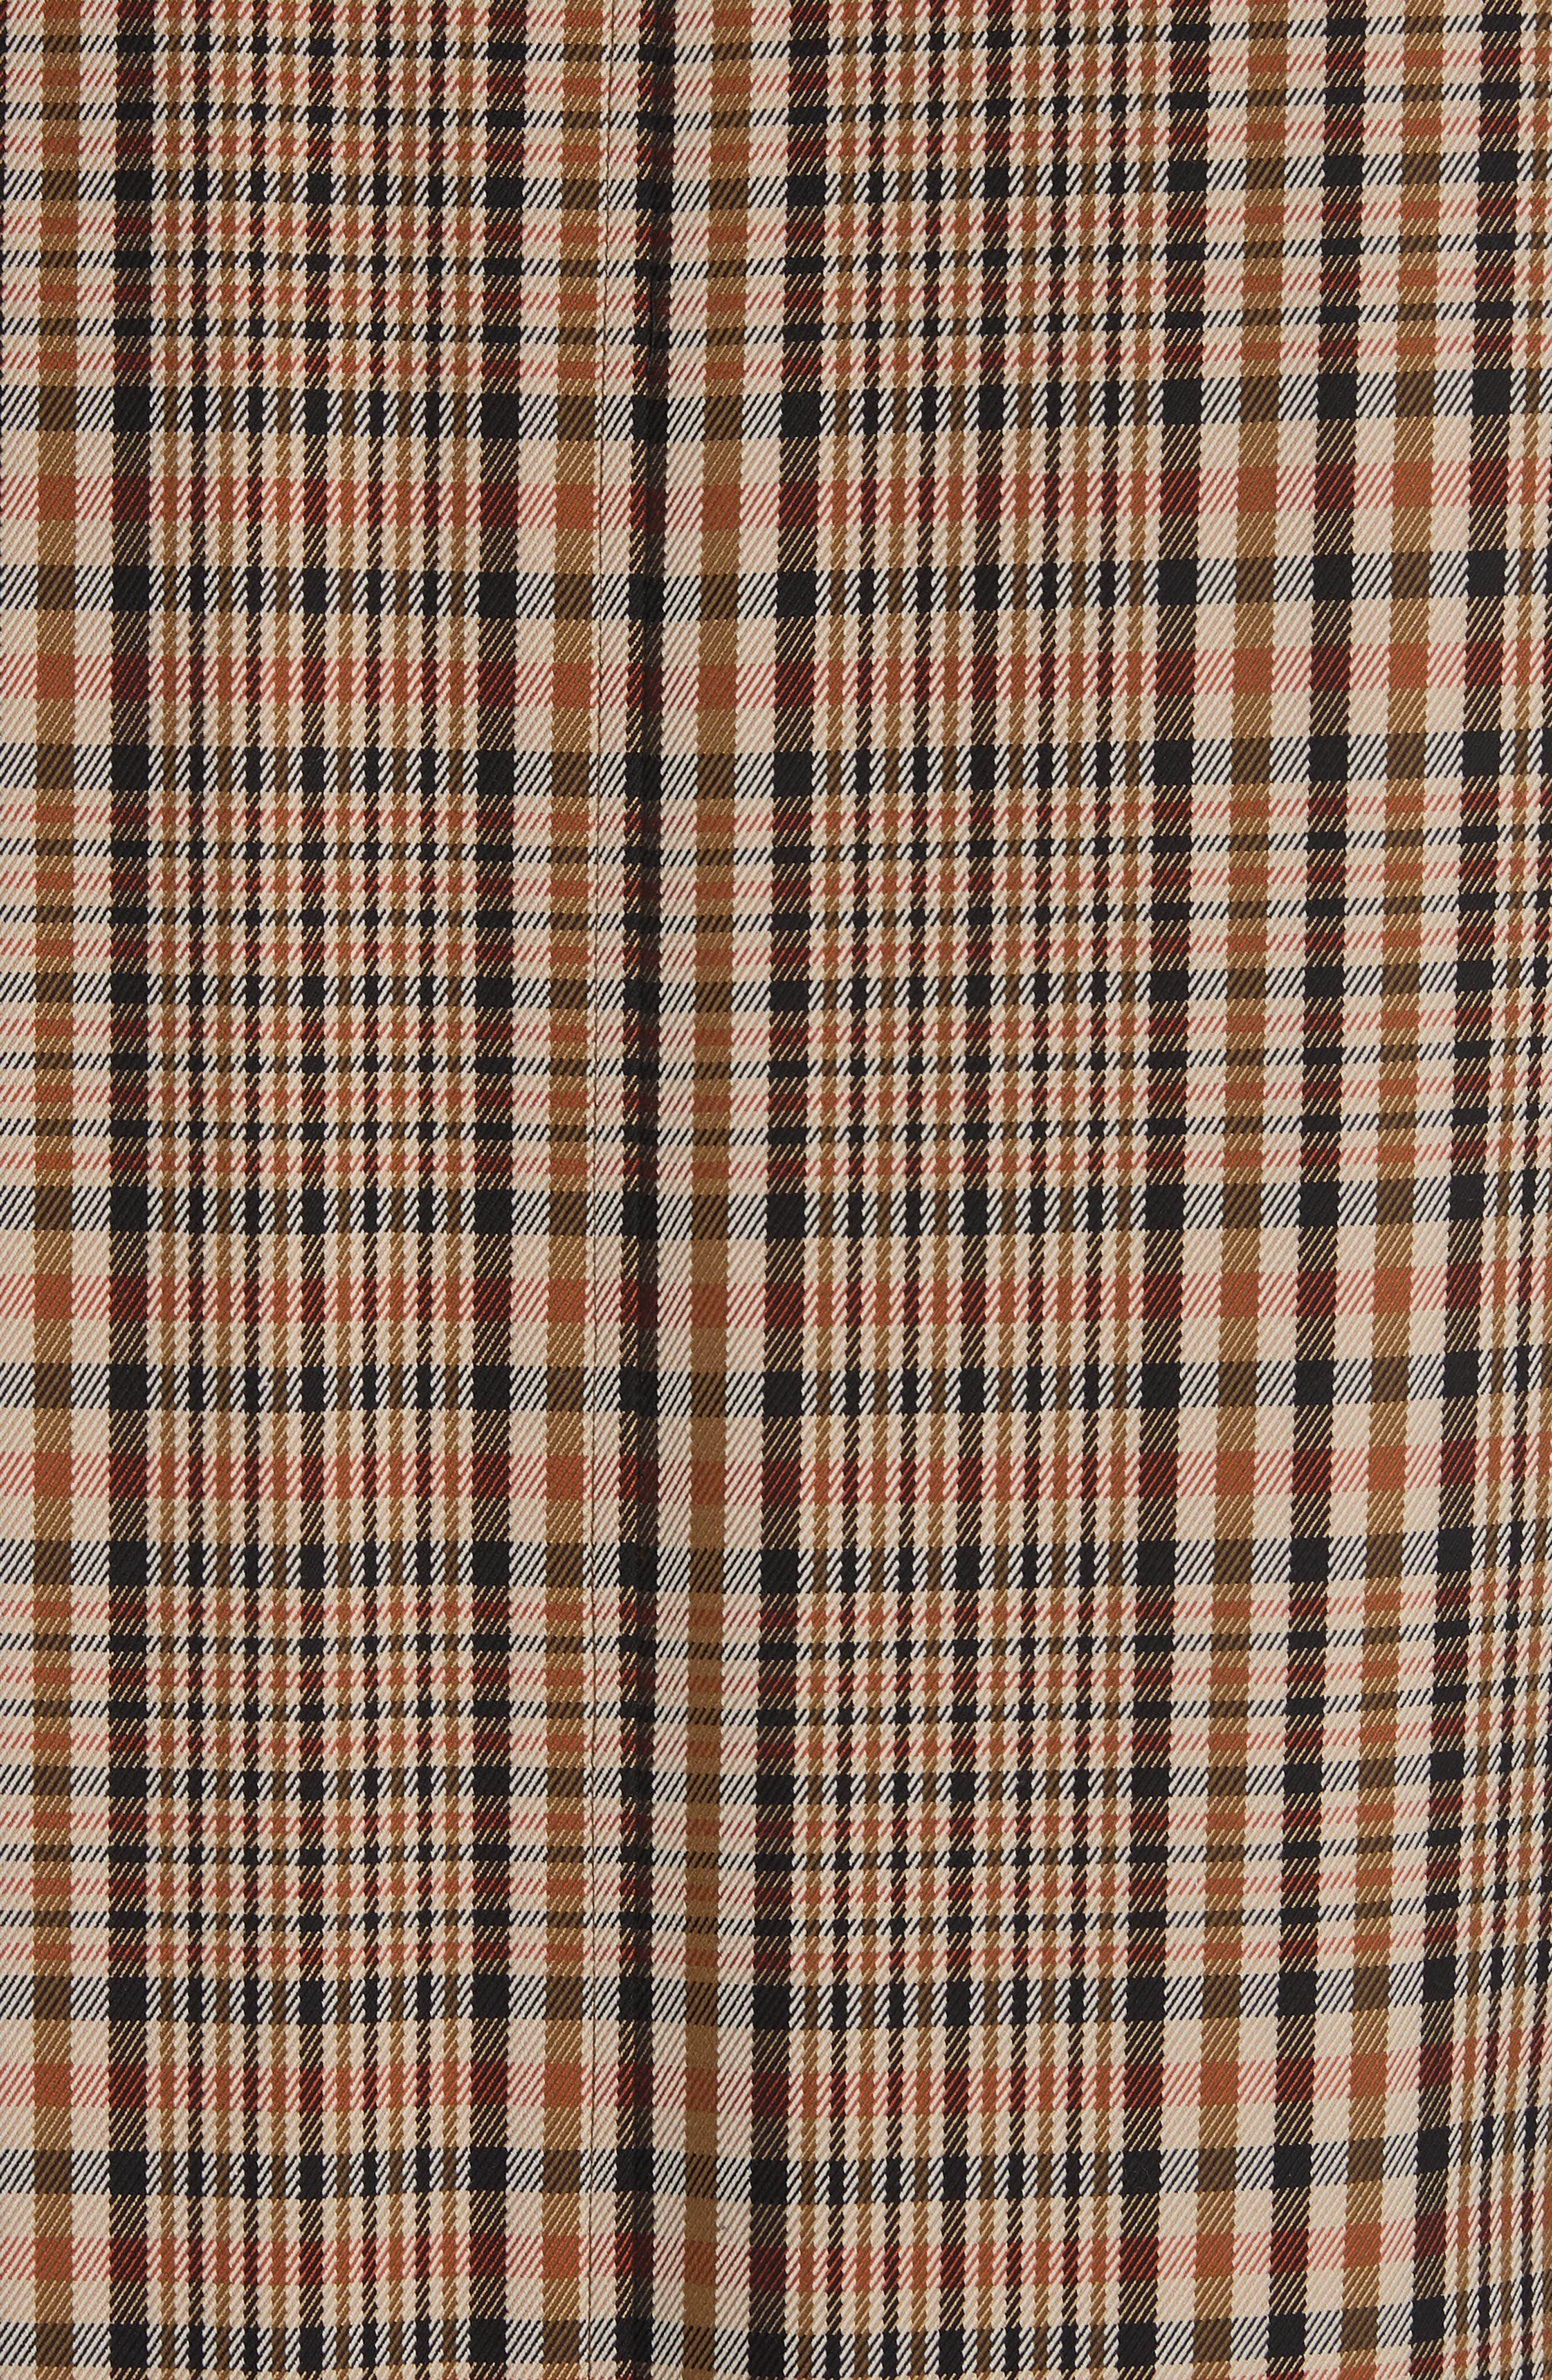 BURBERRY, Lenthorne Check Car Coat with Detachable Vest, Alternate thumbnail 8, color, DARK CAMEL